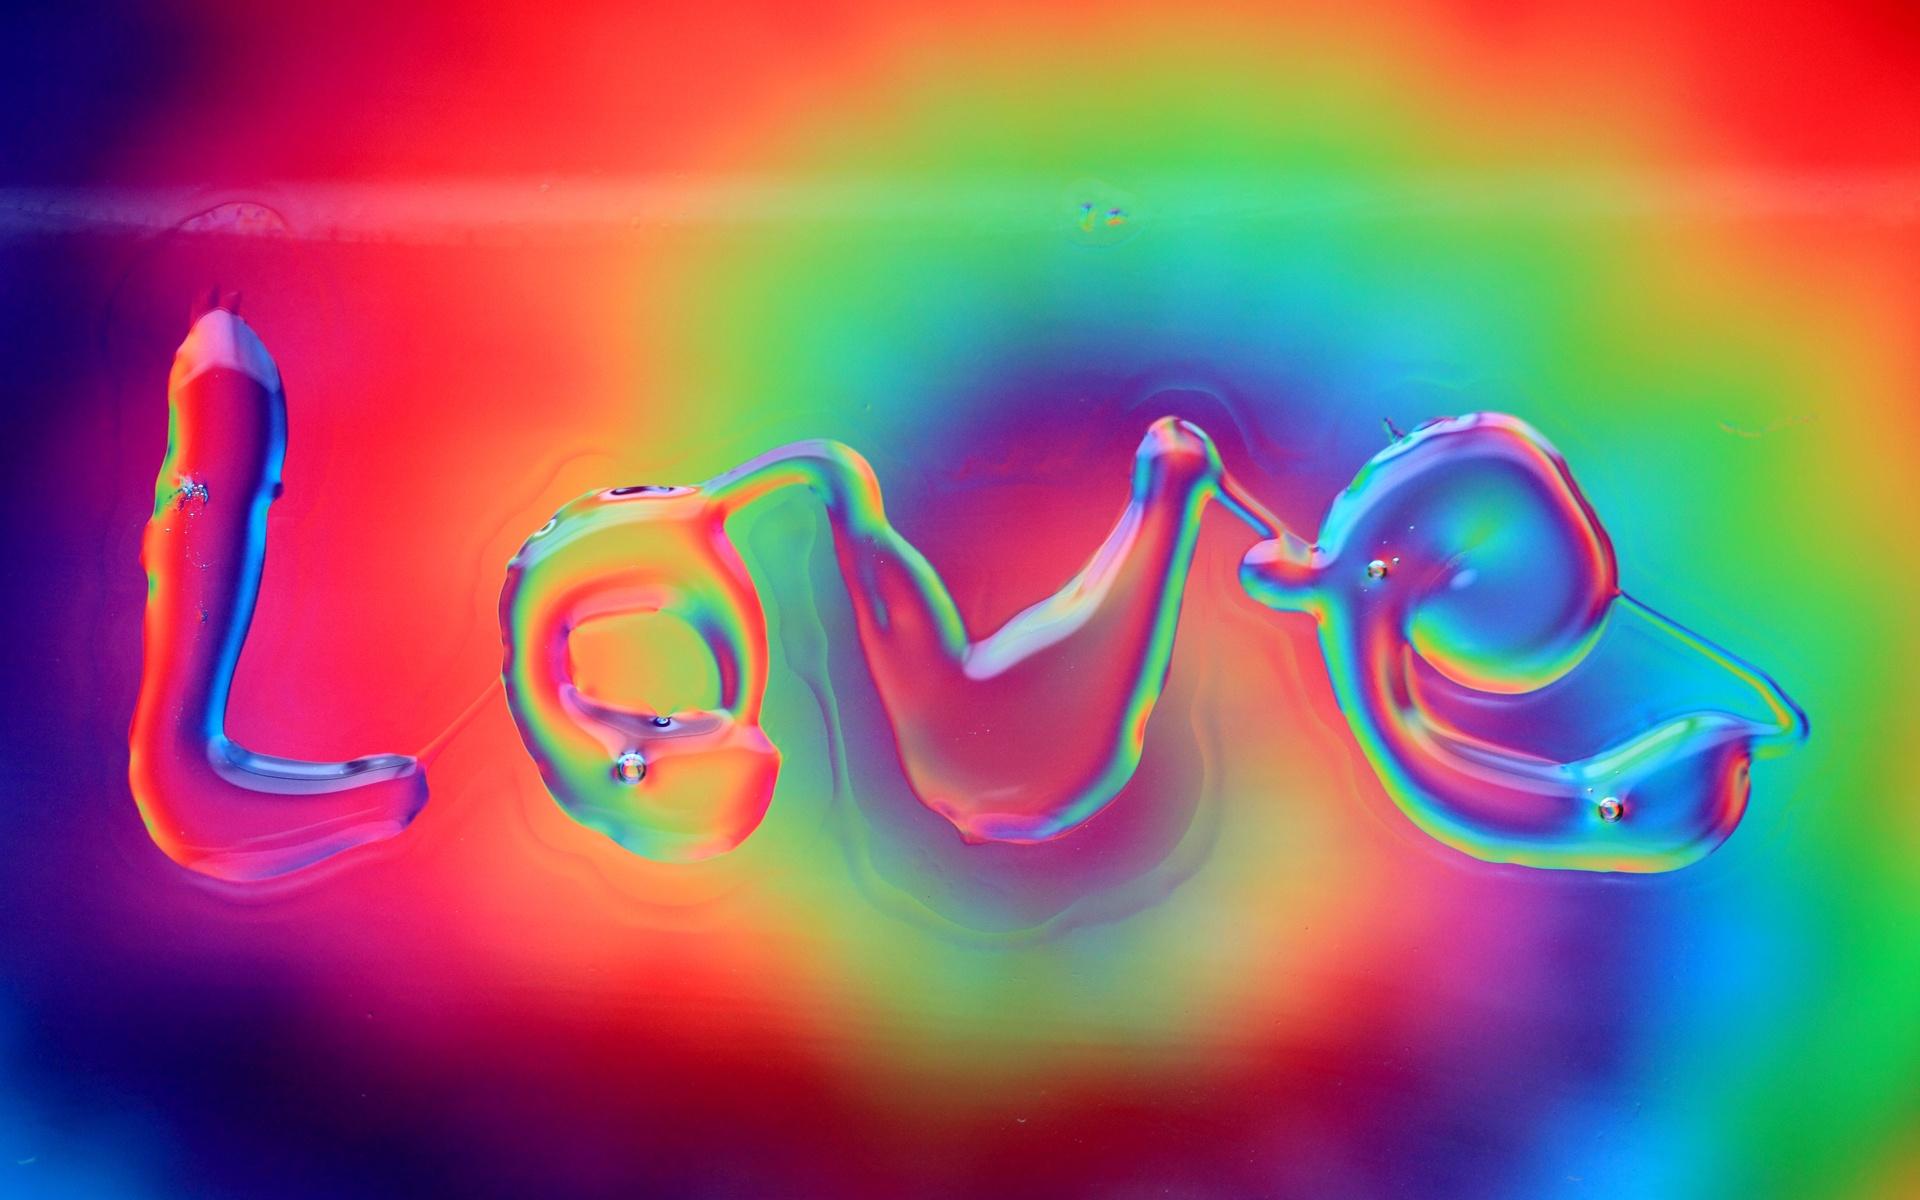 Rainbow Hd Desktop Wallpaper Widescreen High Definition 1920x1200